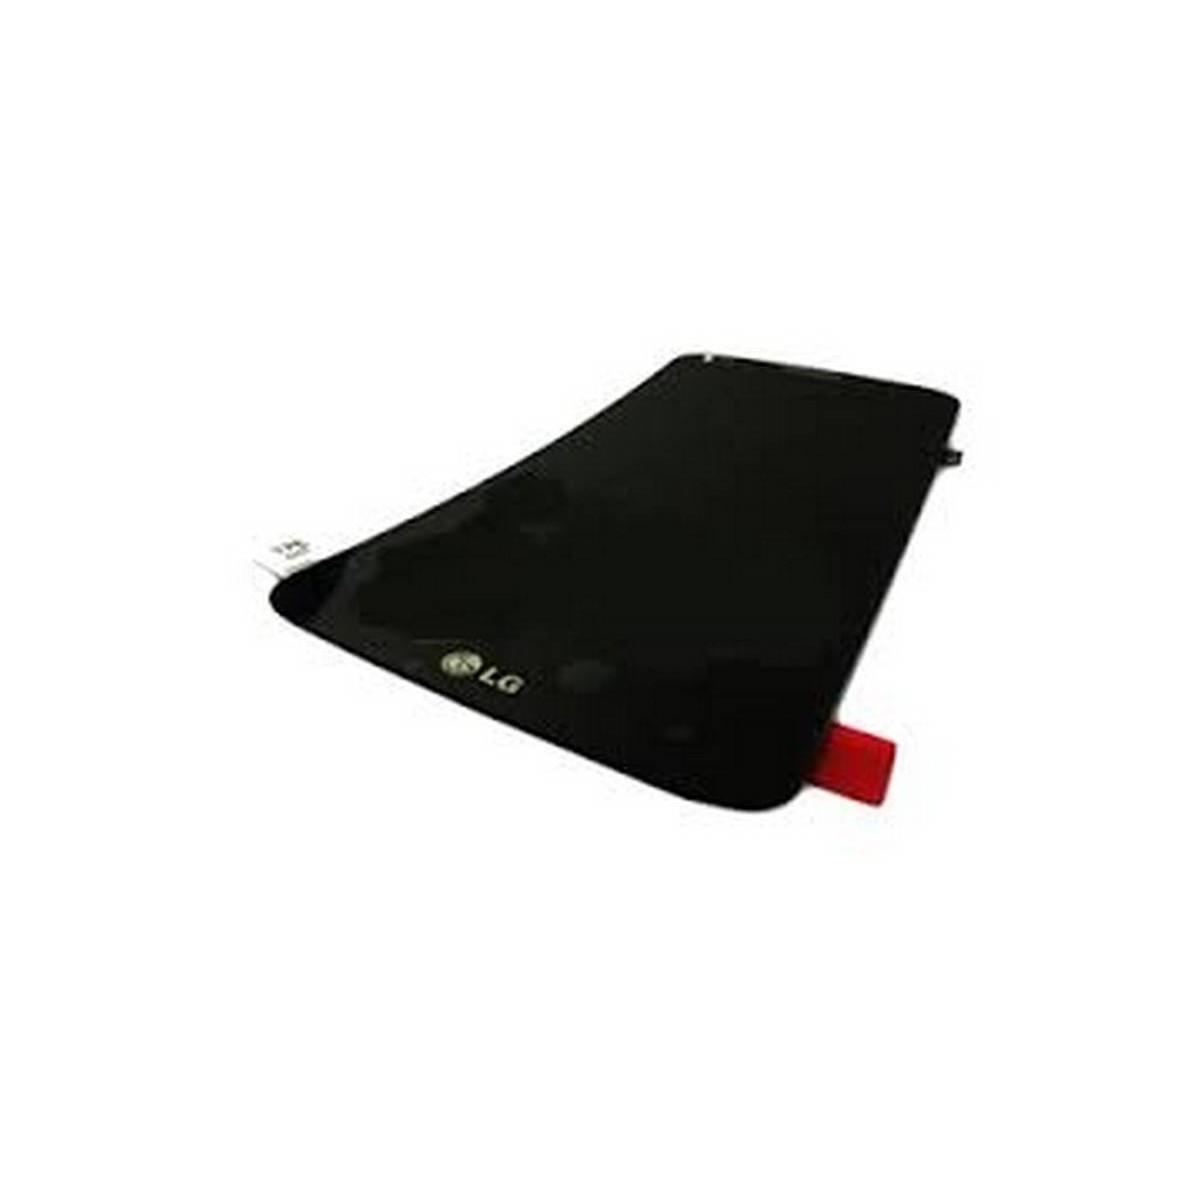 pantalla completa LG G FLEX D955 negra